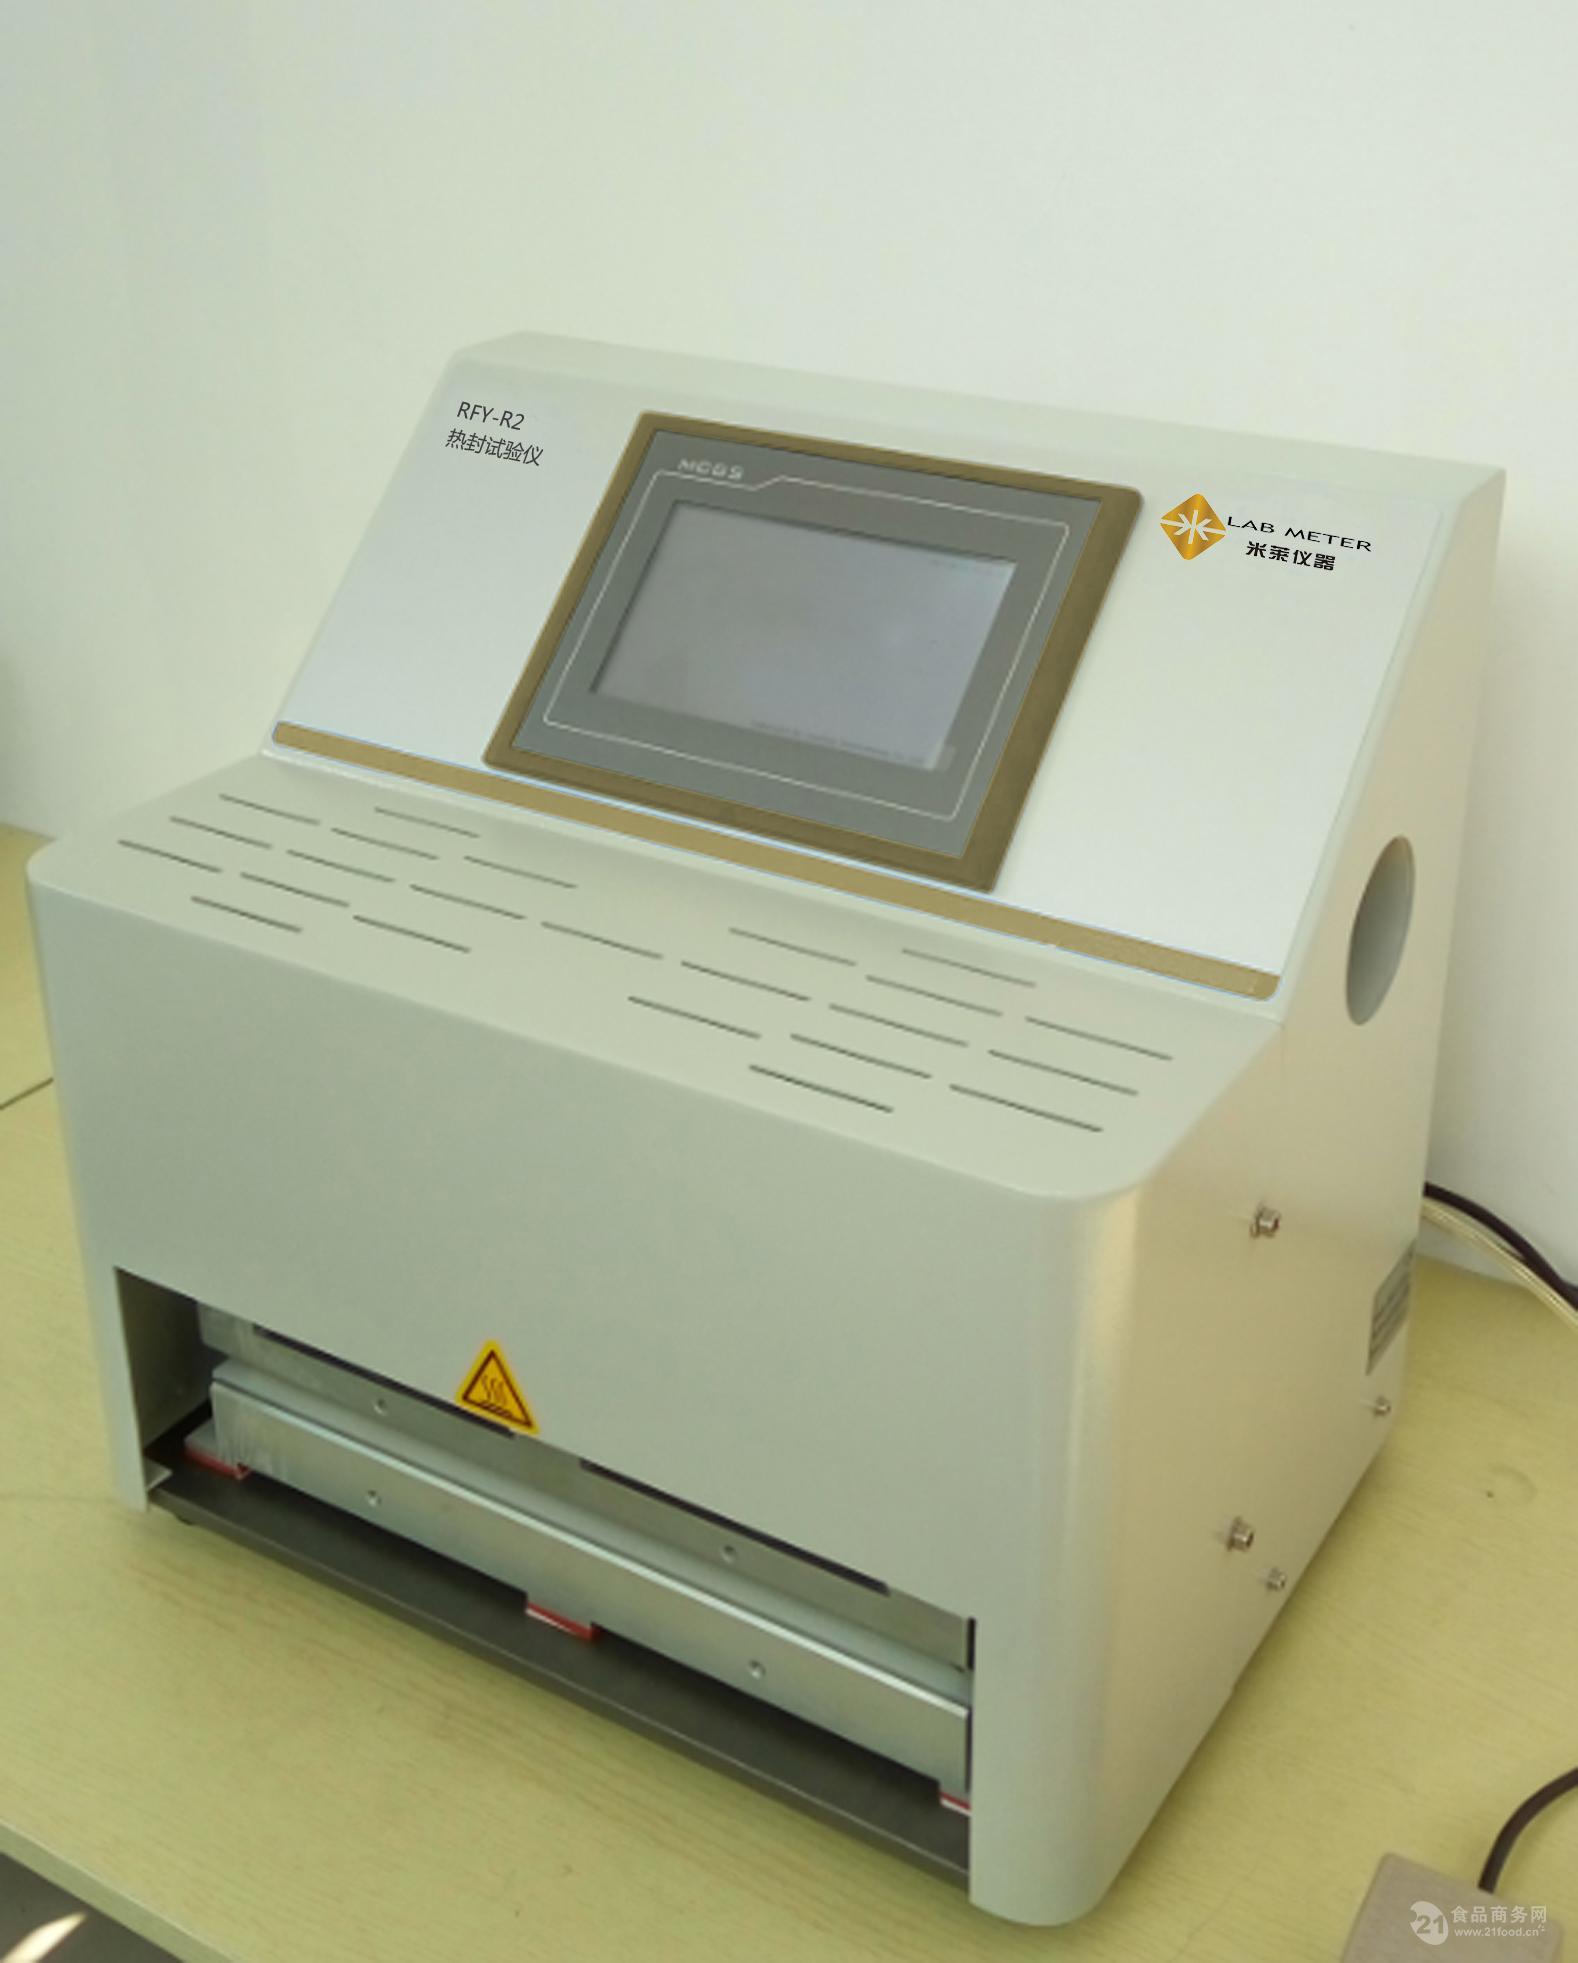 米莱仪器 热封试验仪 RFY